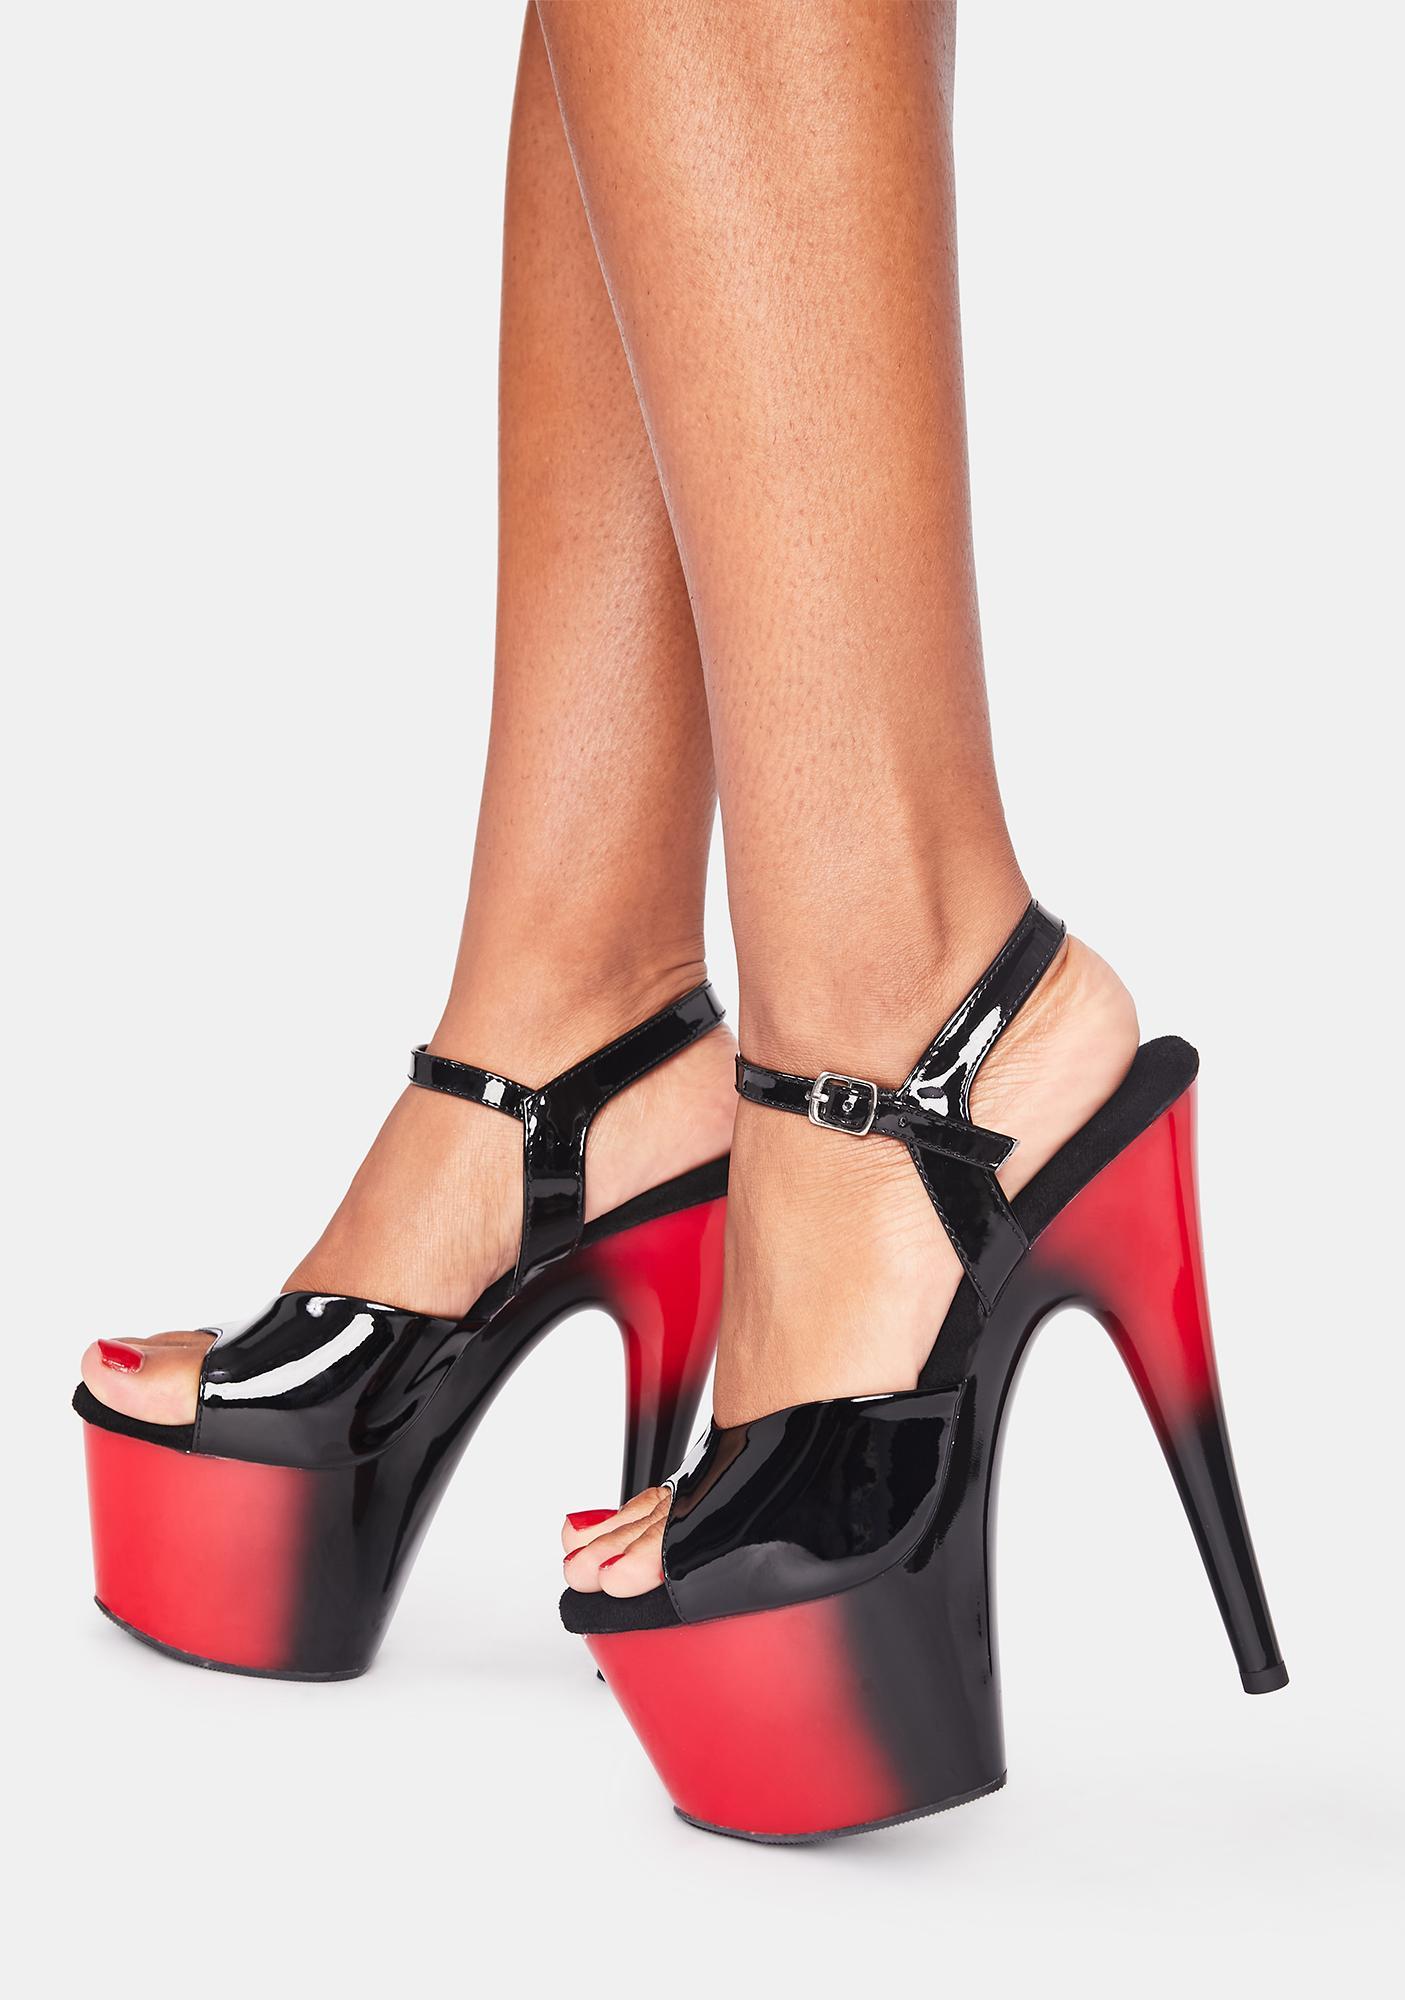 Pleaser Devil Kat Stacks Adore Platform Heels